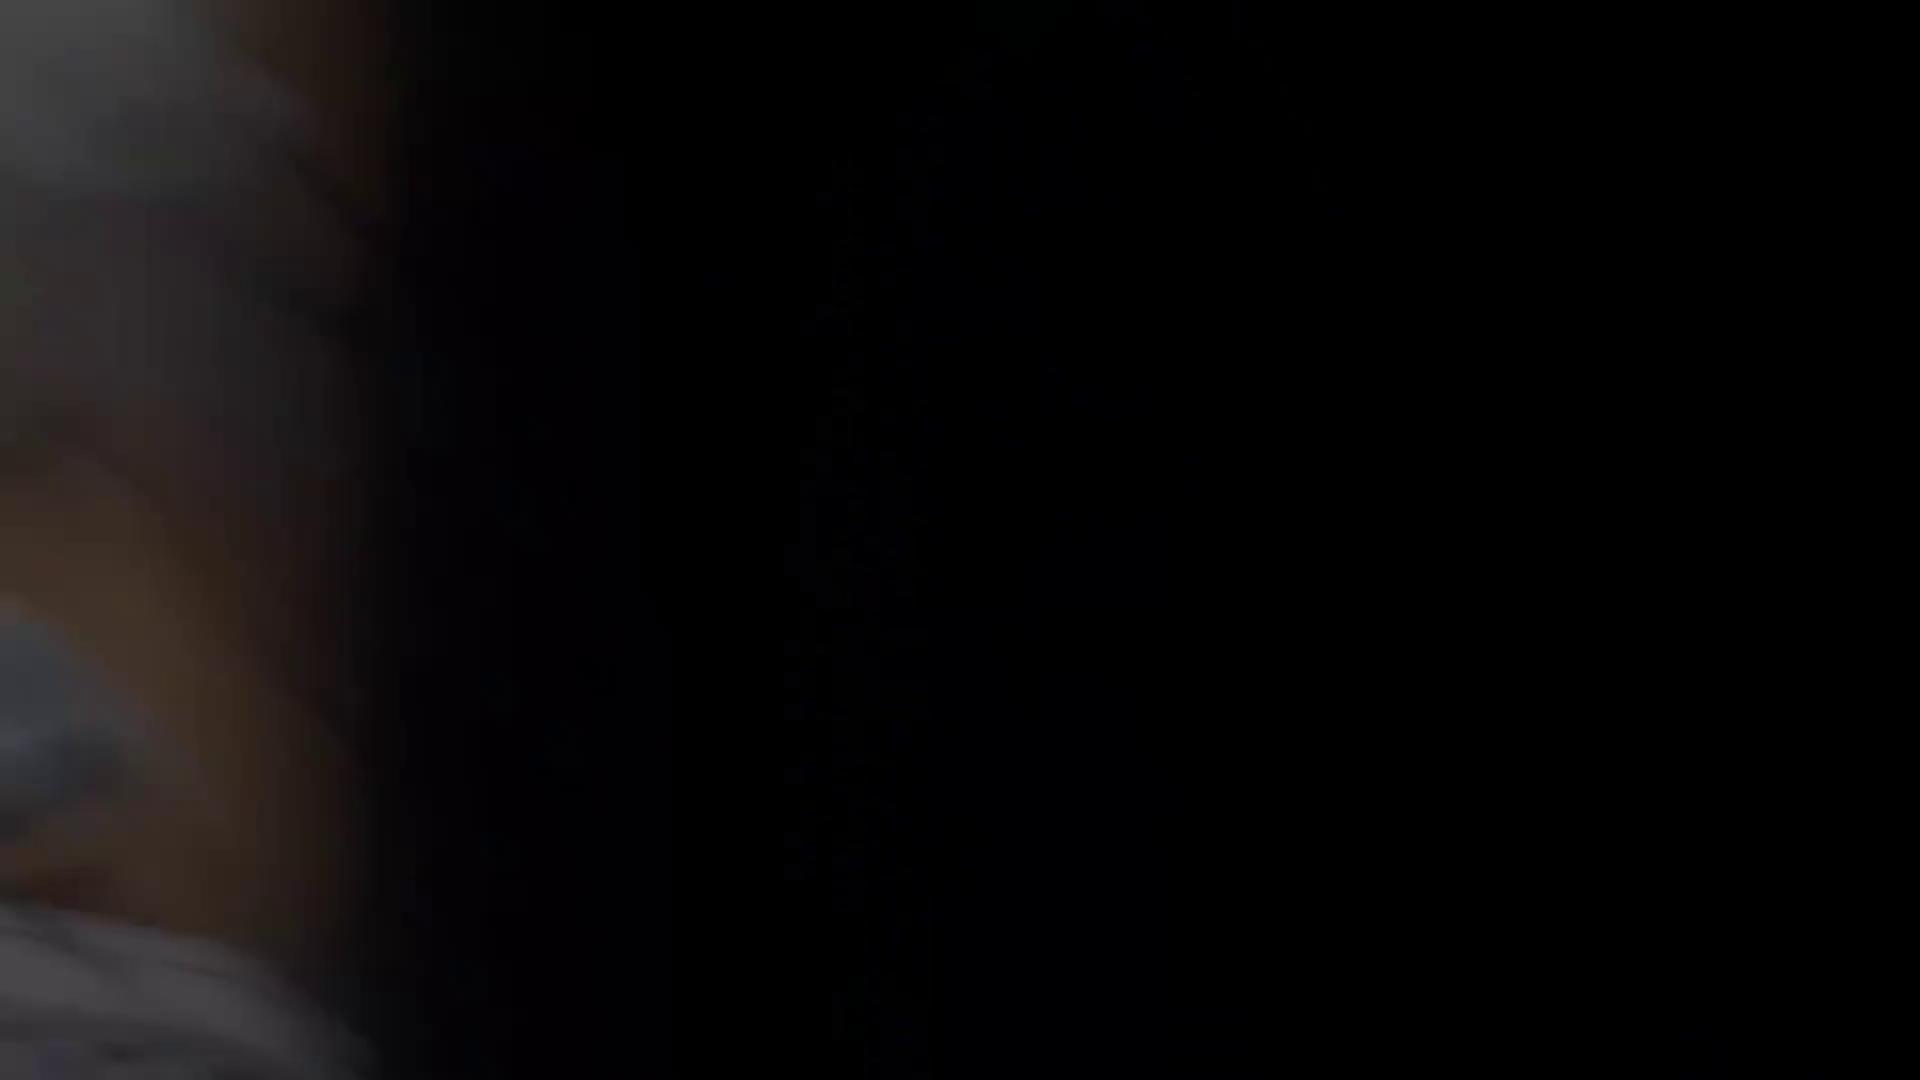 巨根 オナニー塾Vol.16 オナニー アダルトビデオ画像キャプチャ 106枚 66